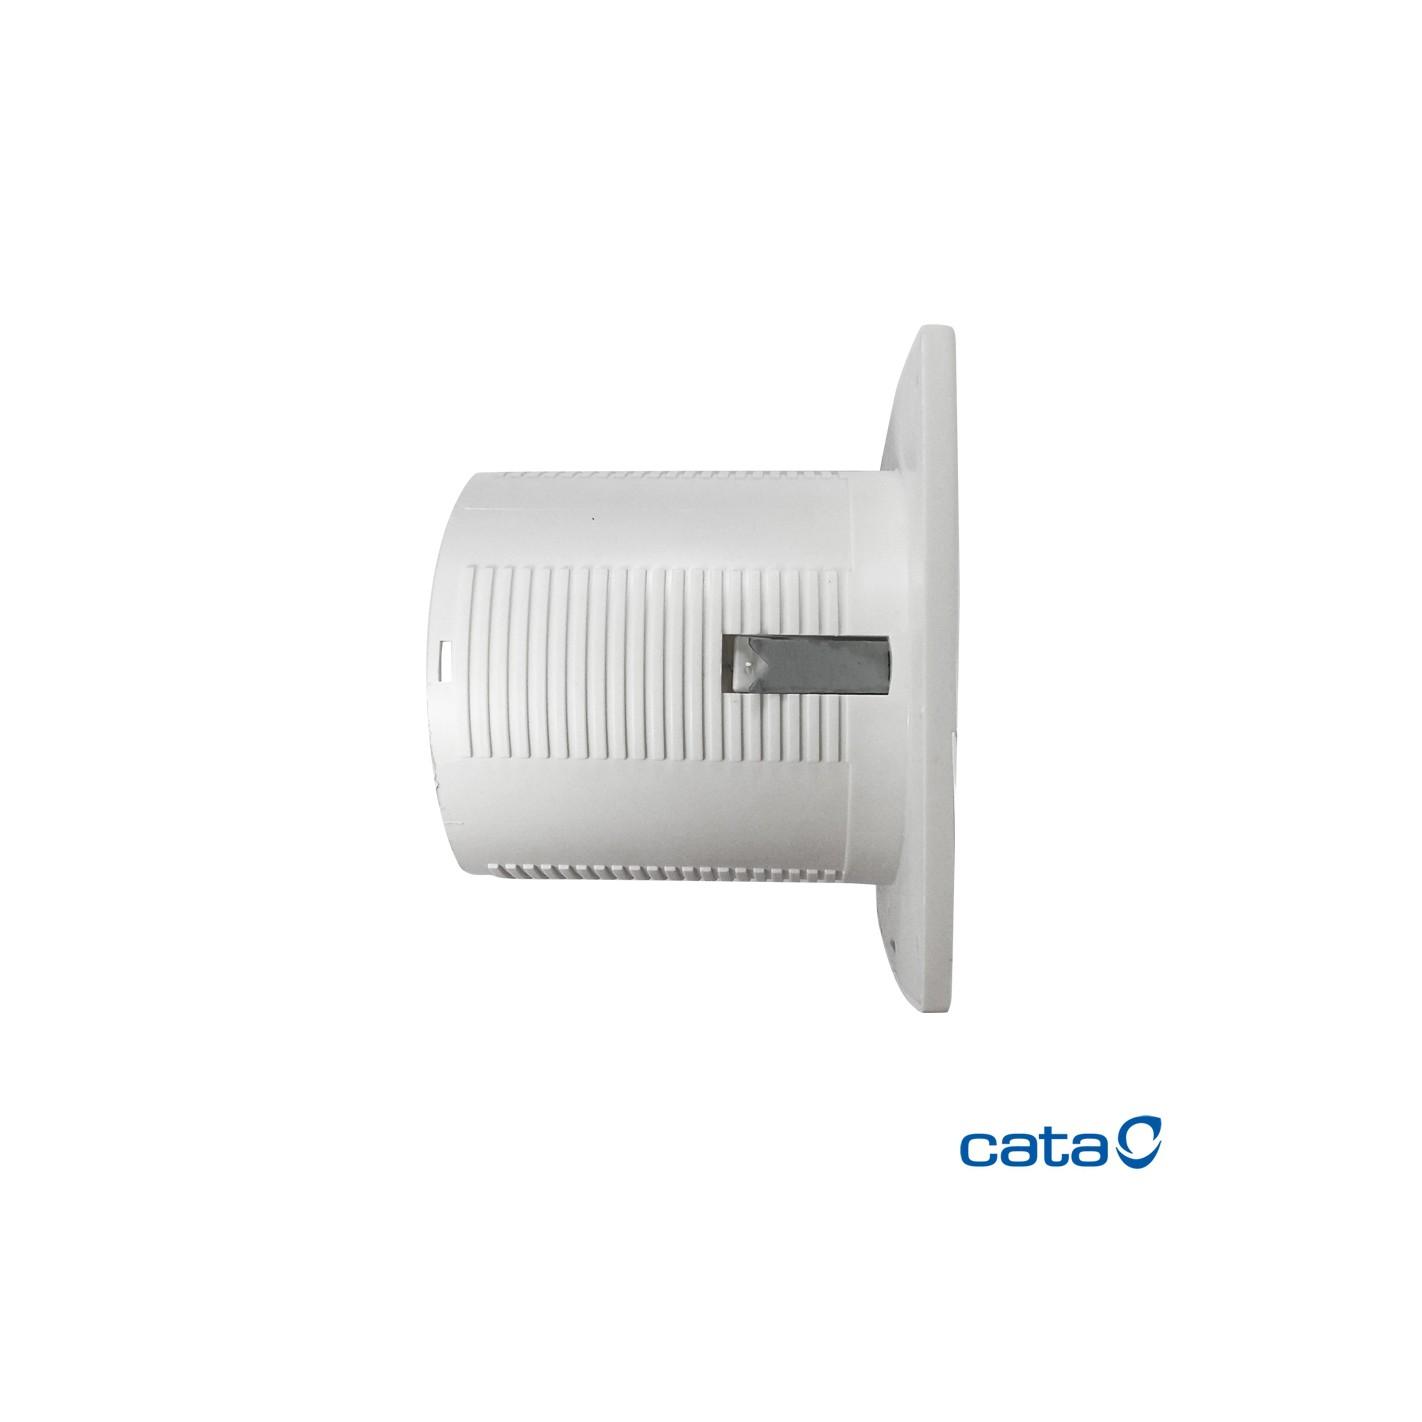 Extractor De Baño Diseno: > Extractores de baño > Extractor de baño Cata B10 PLUS